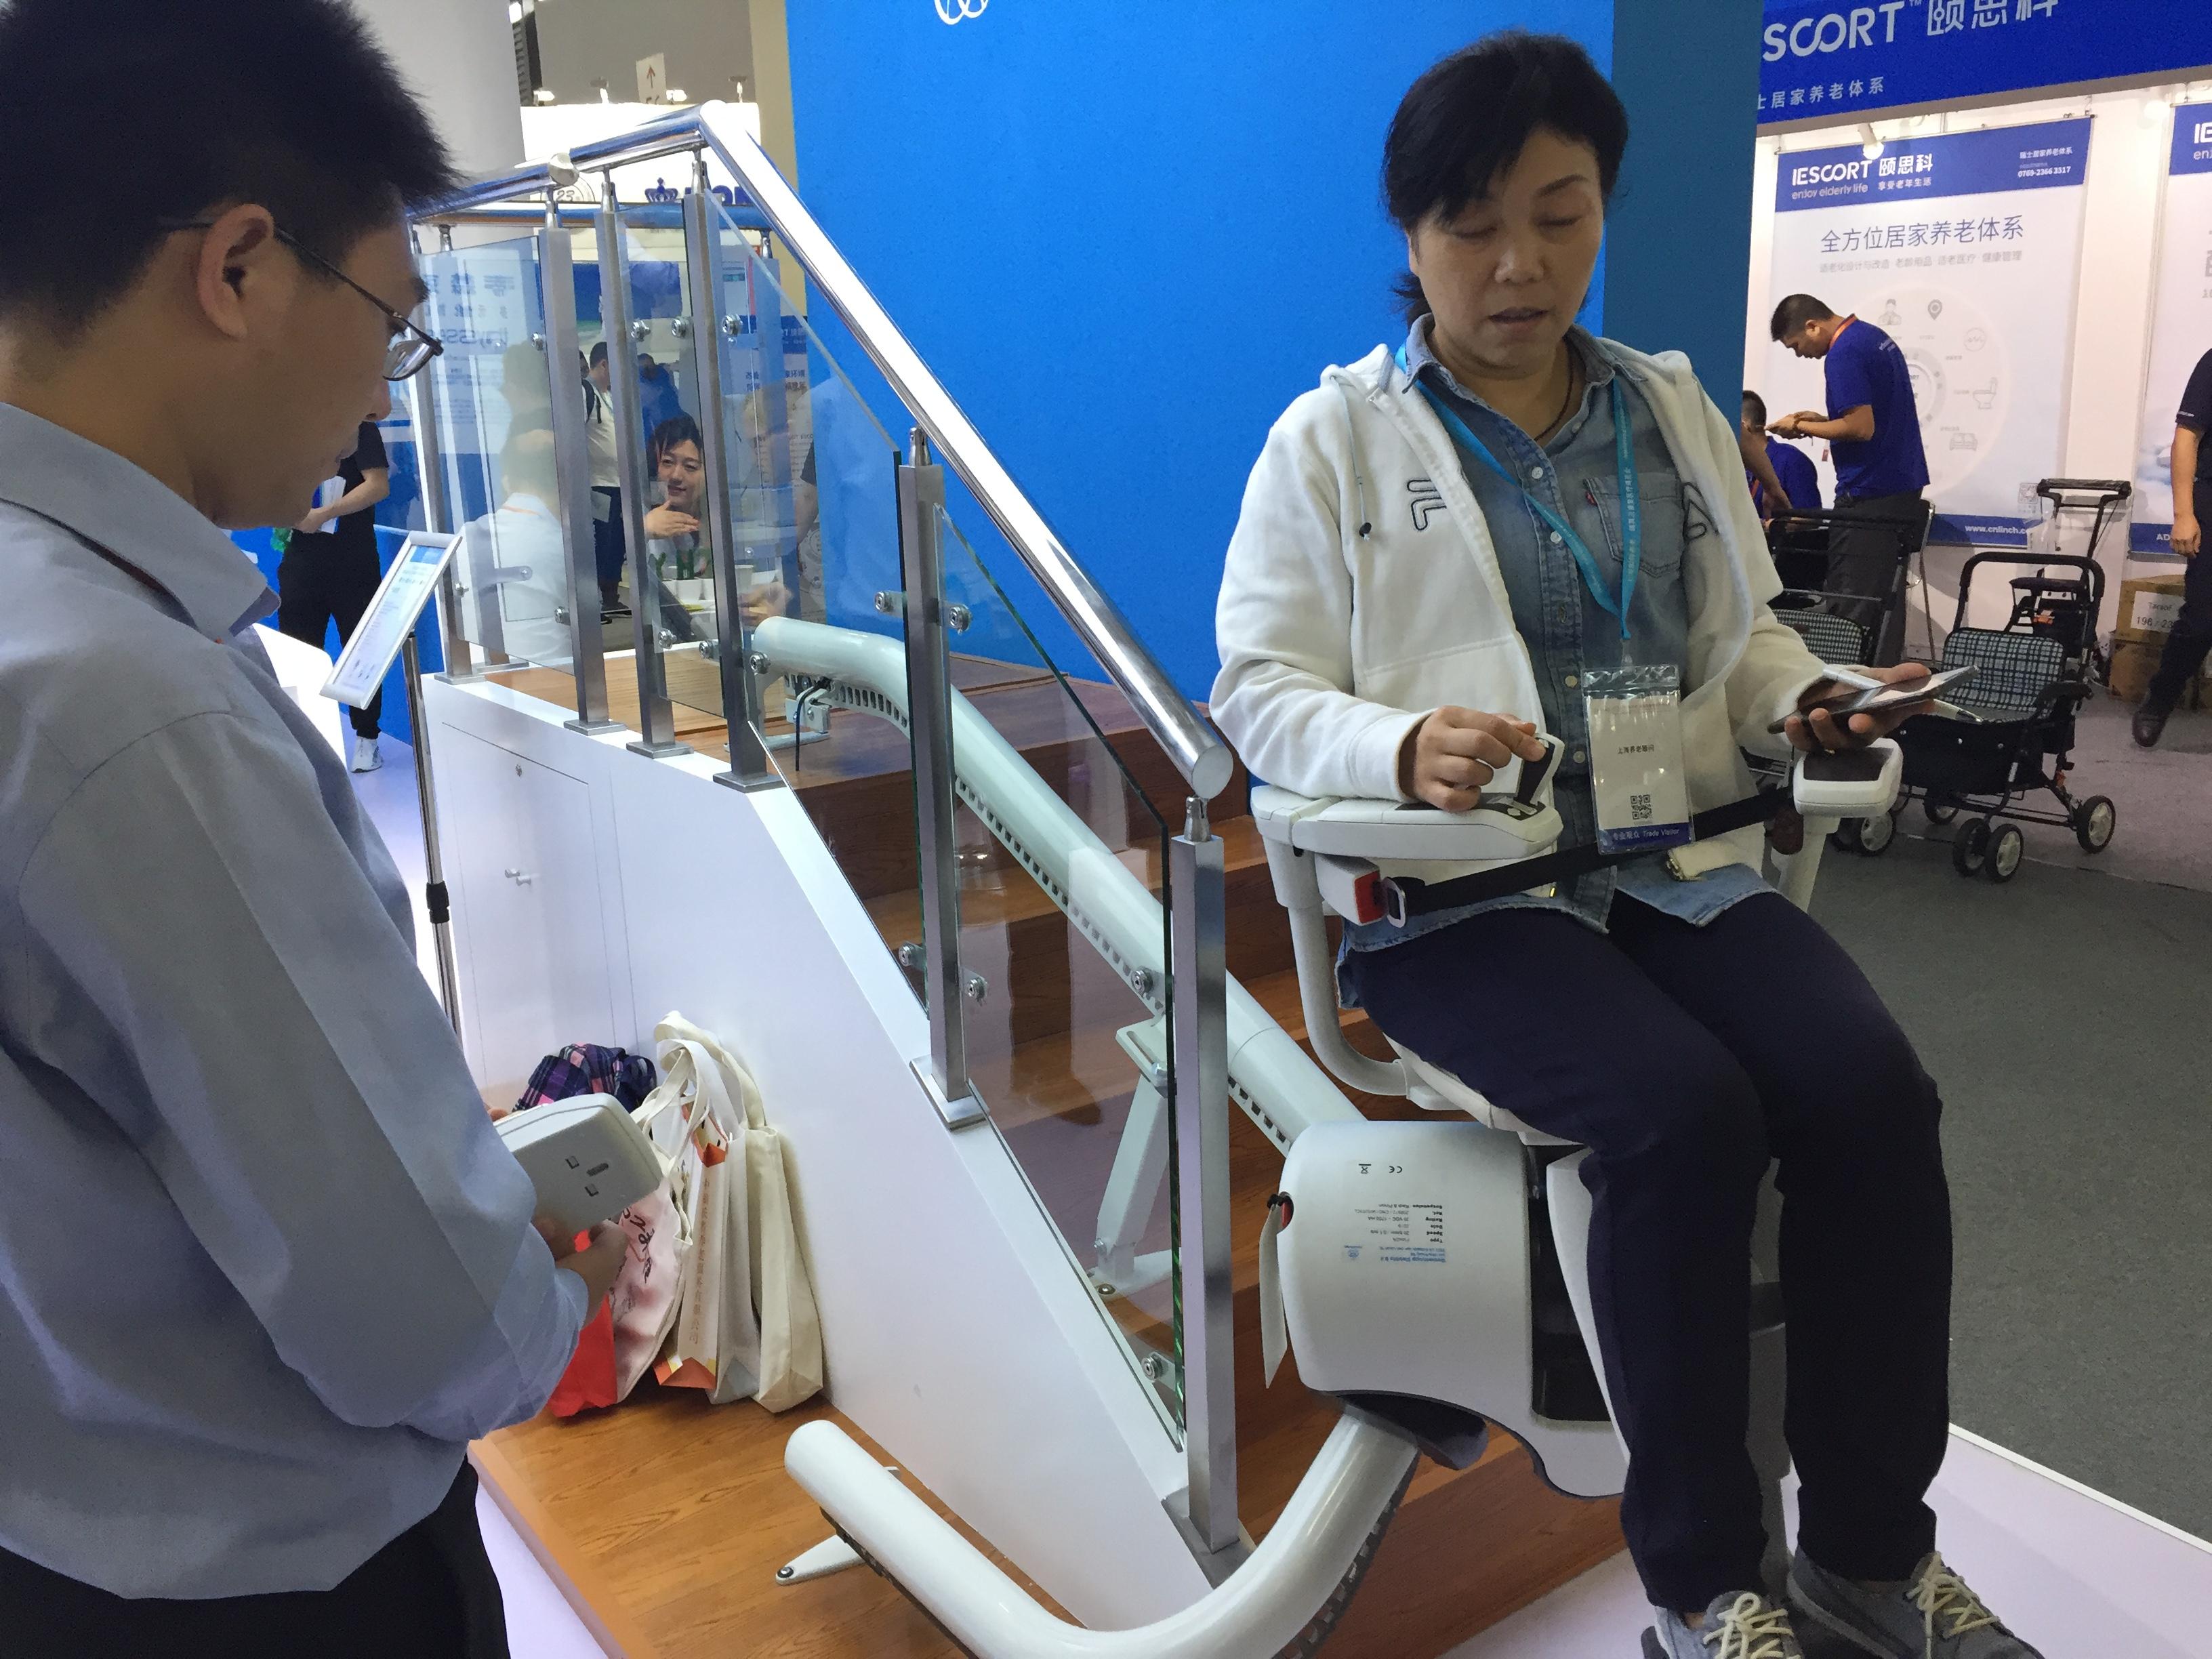 中国国際福祉機器展、高齢者福祉産業の巨大な発展余地示す